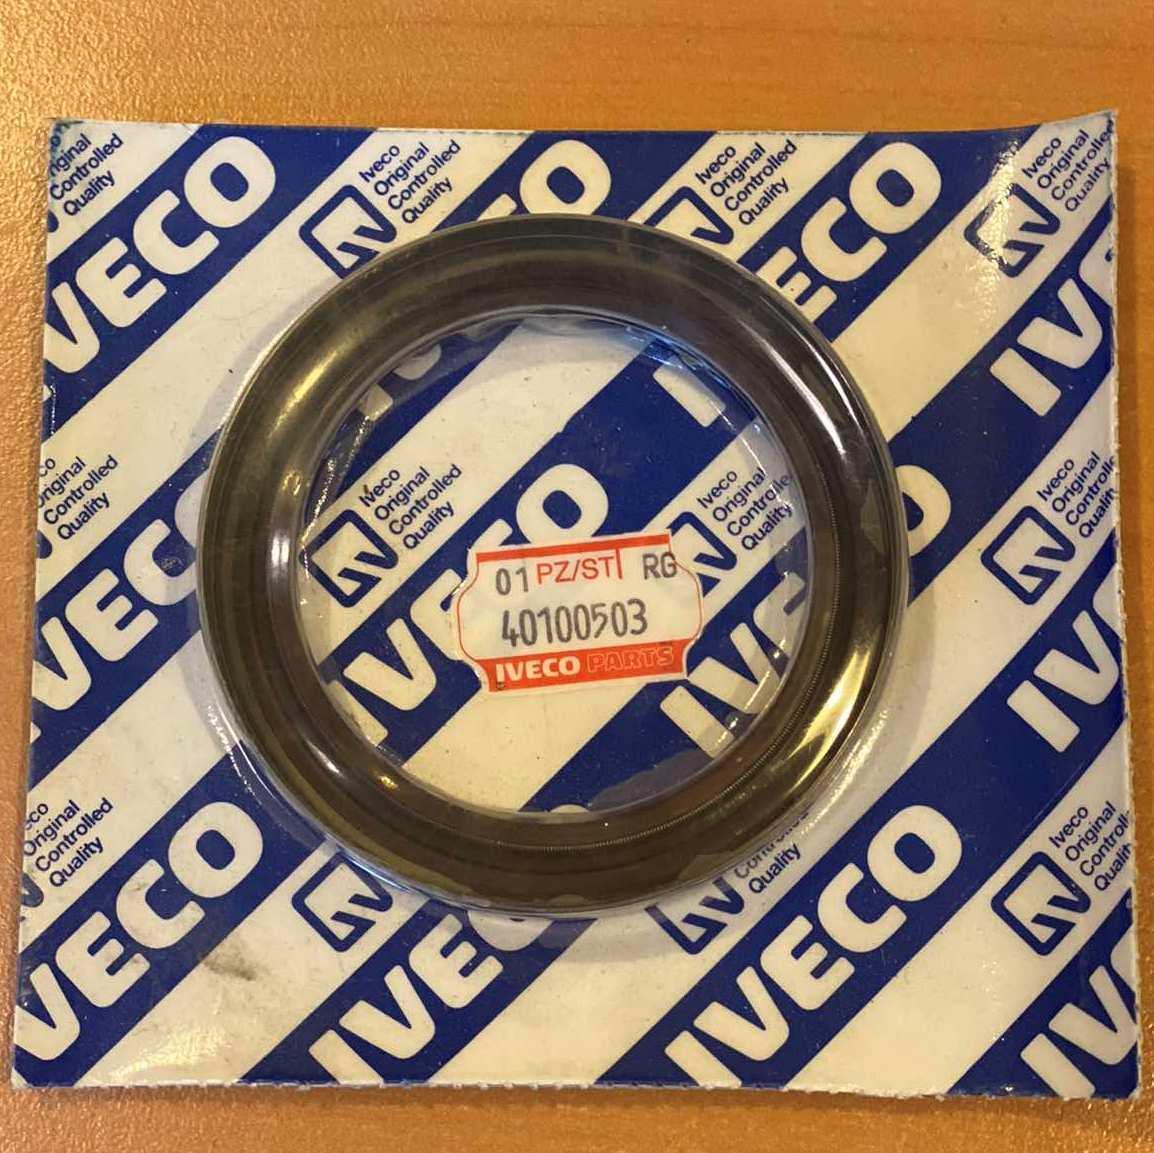 Сальник вторичного вала Iveco EuroCargo 40100503